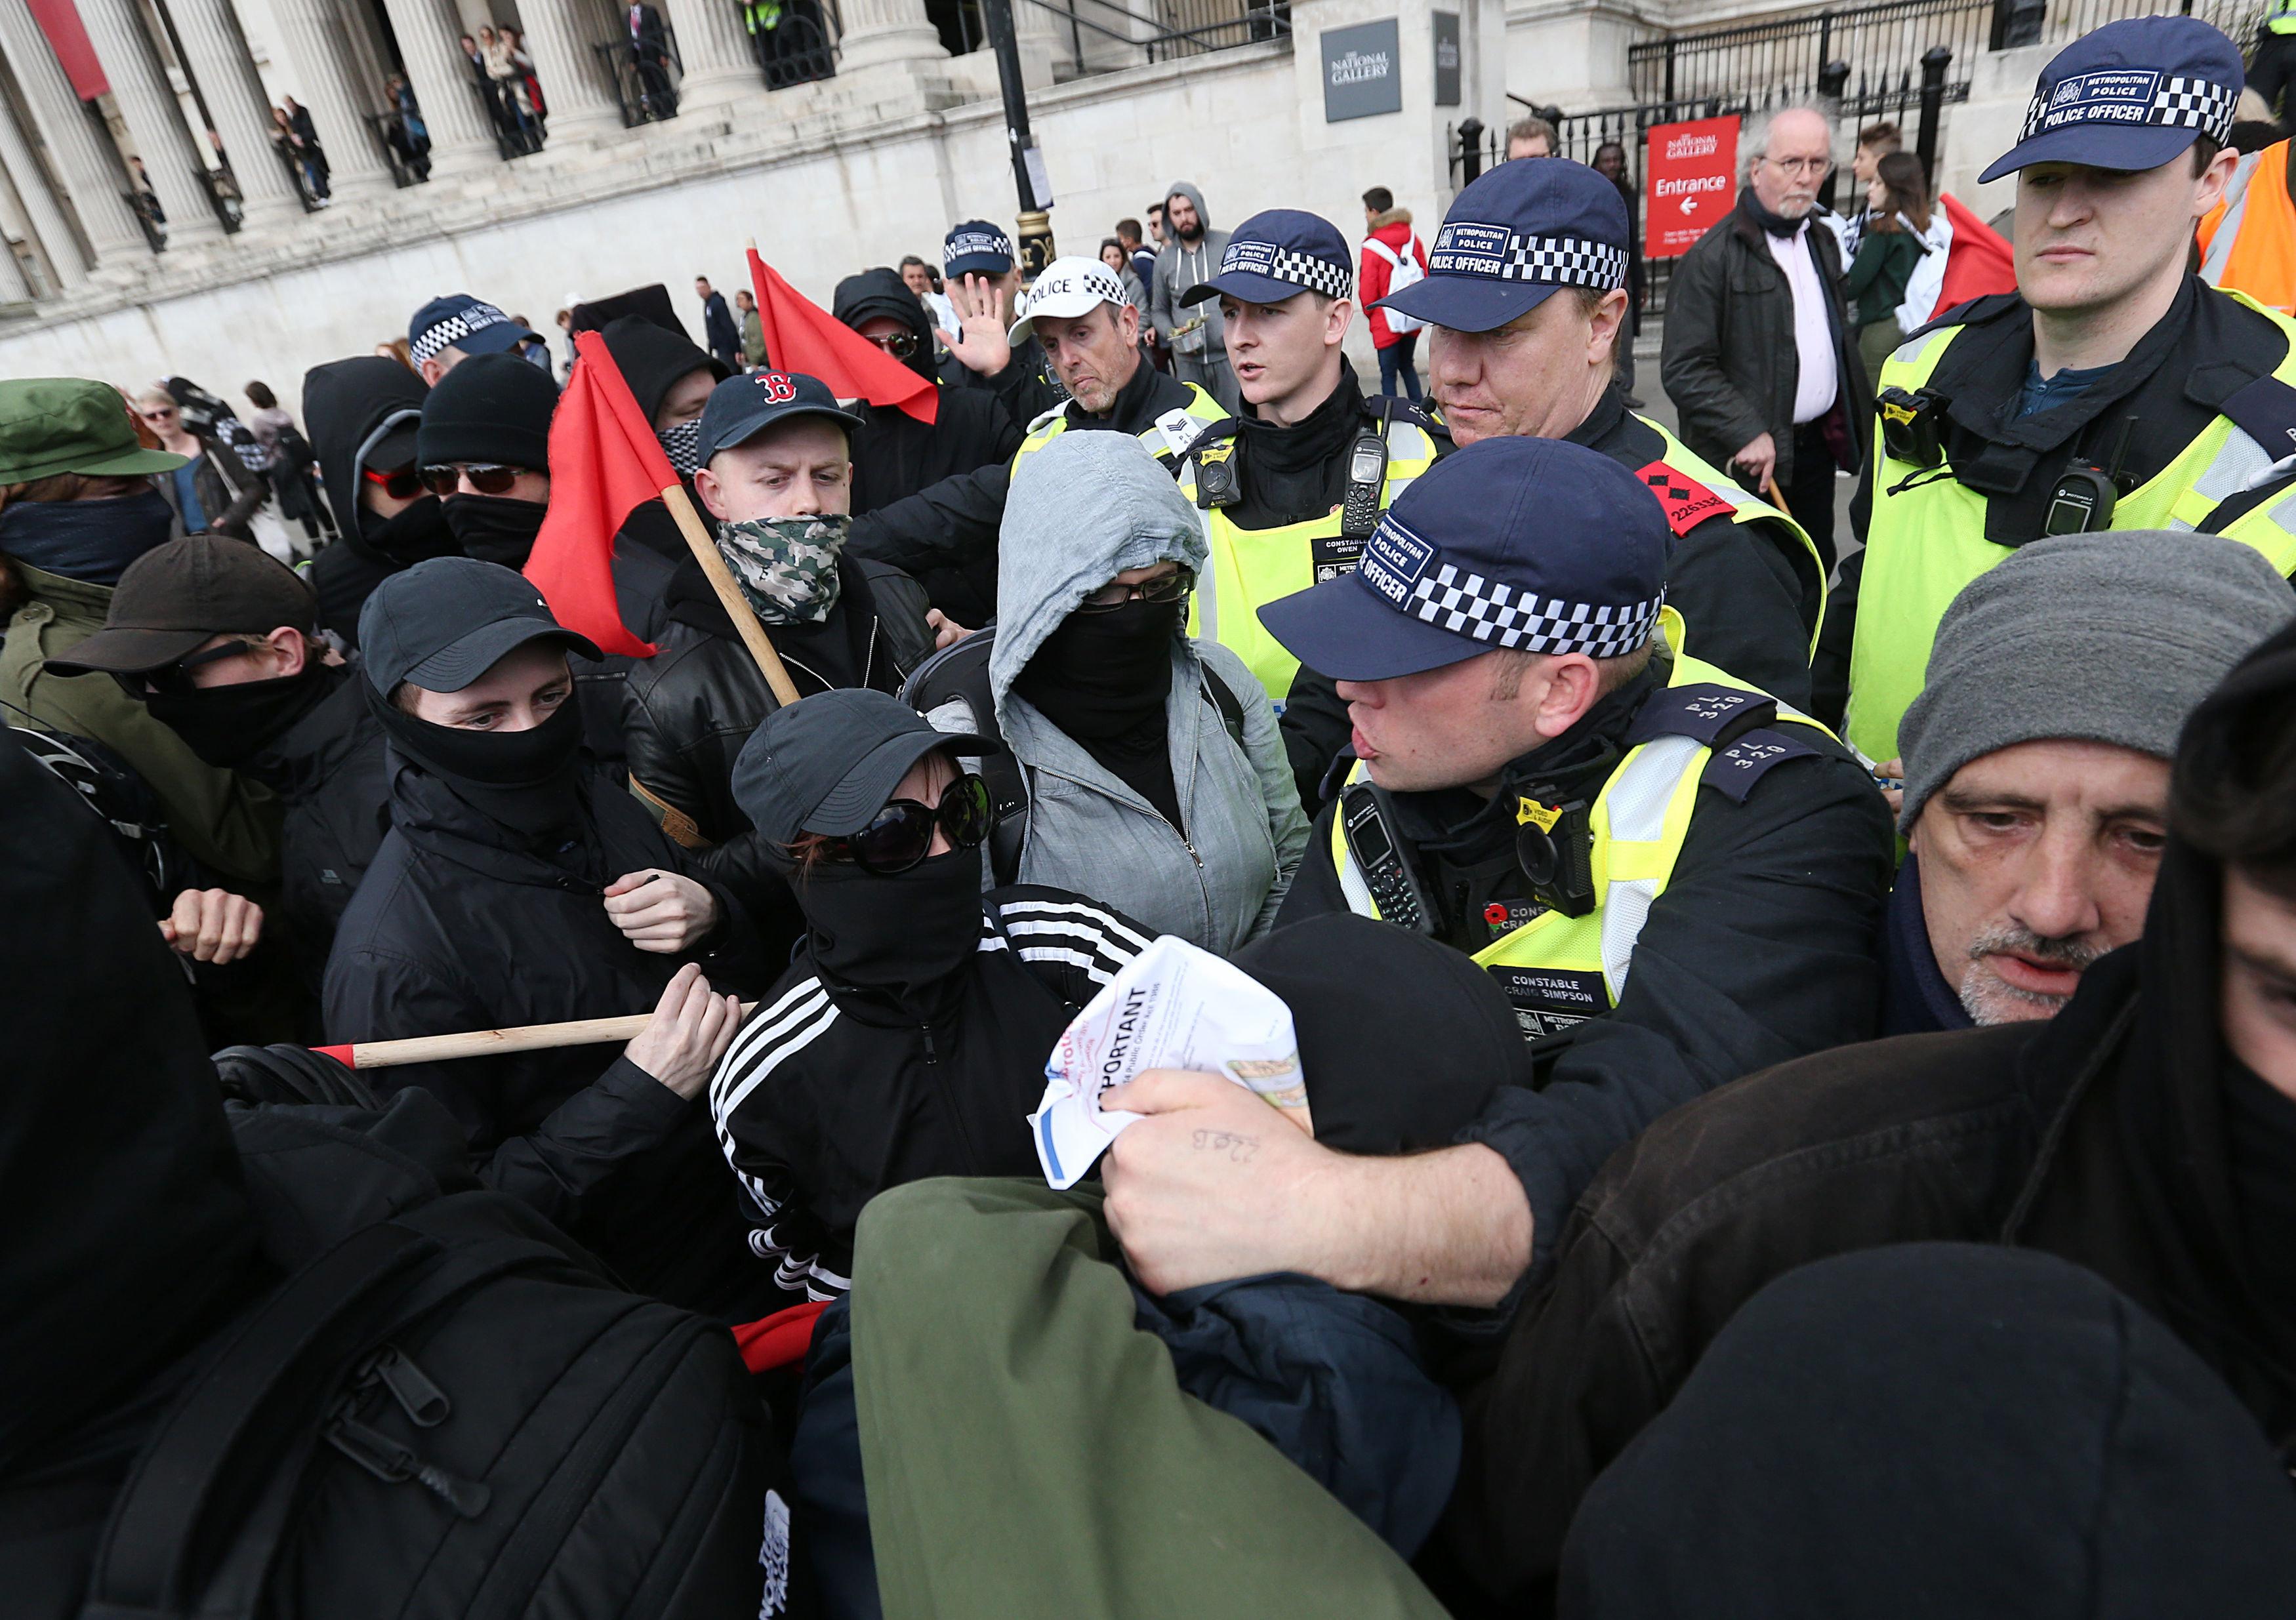 UAF (Unite Against Fascism) demonstrators tussle with police officers in Trafalgar